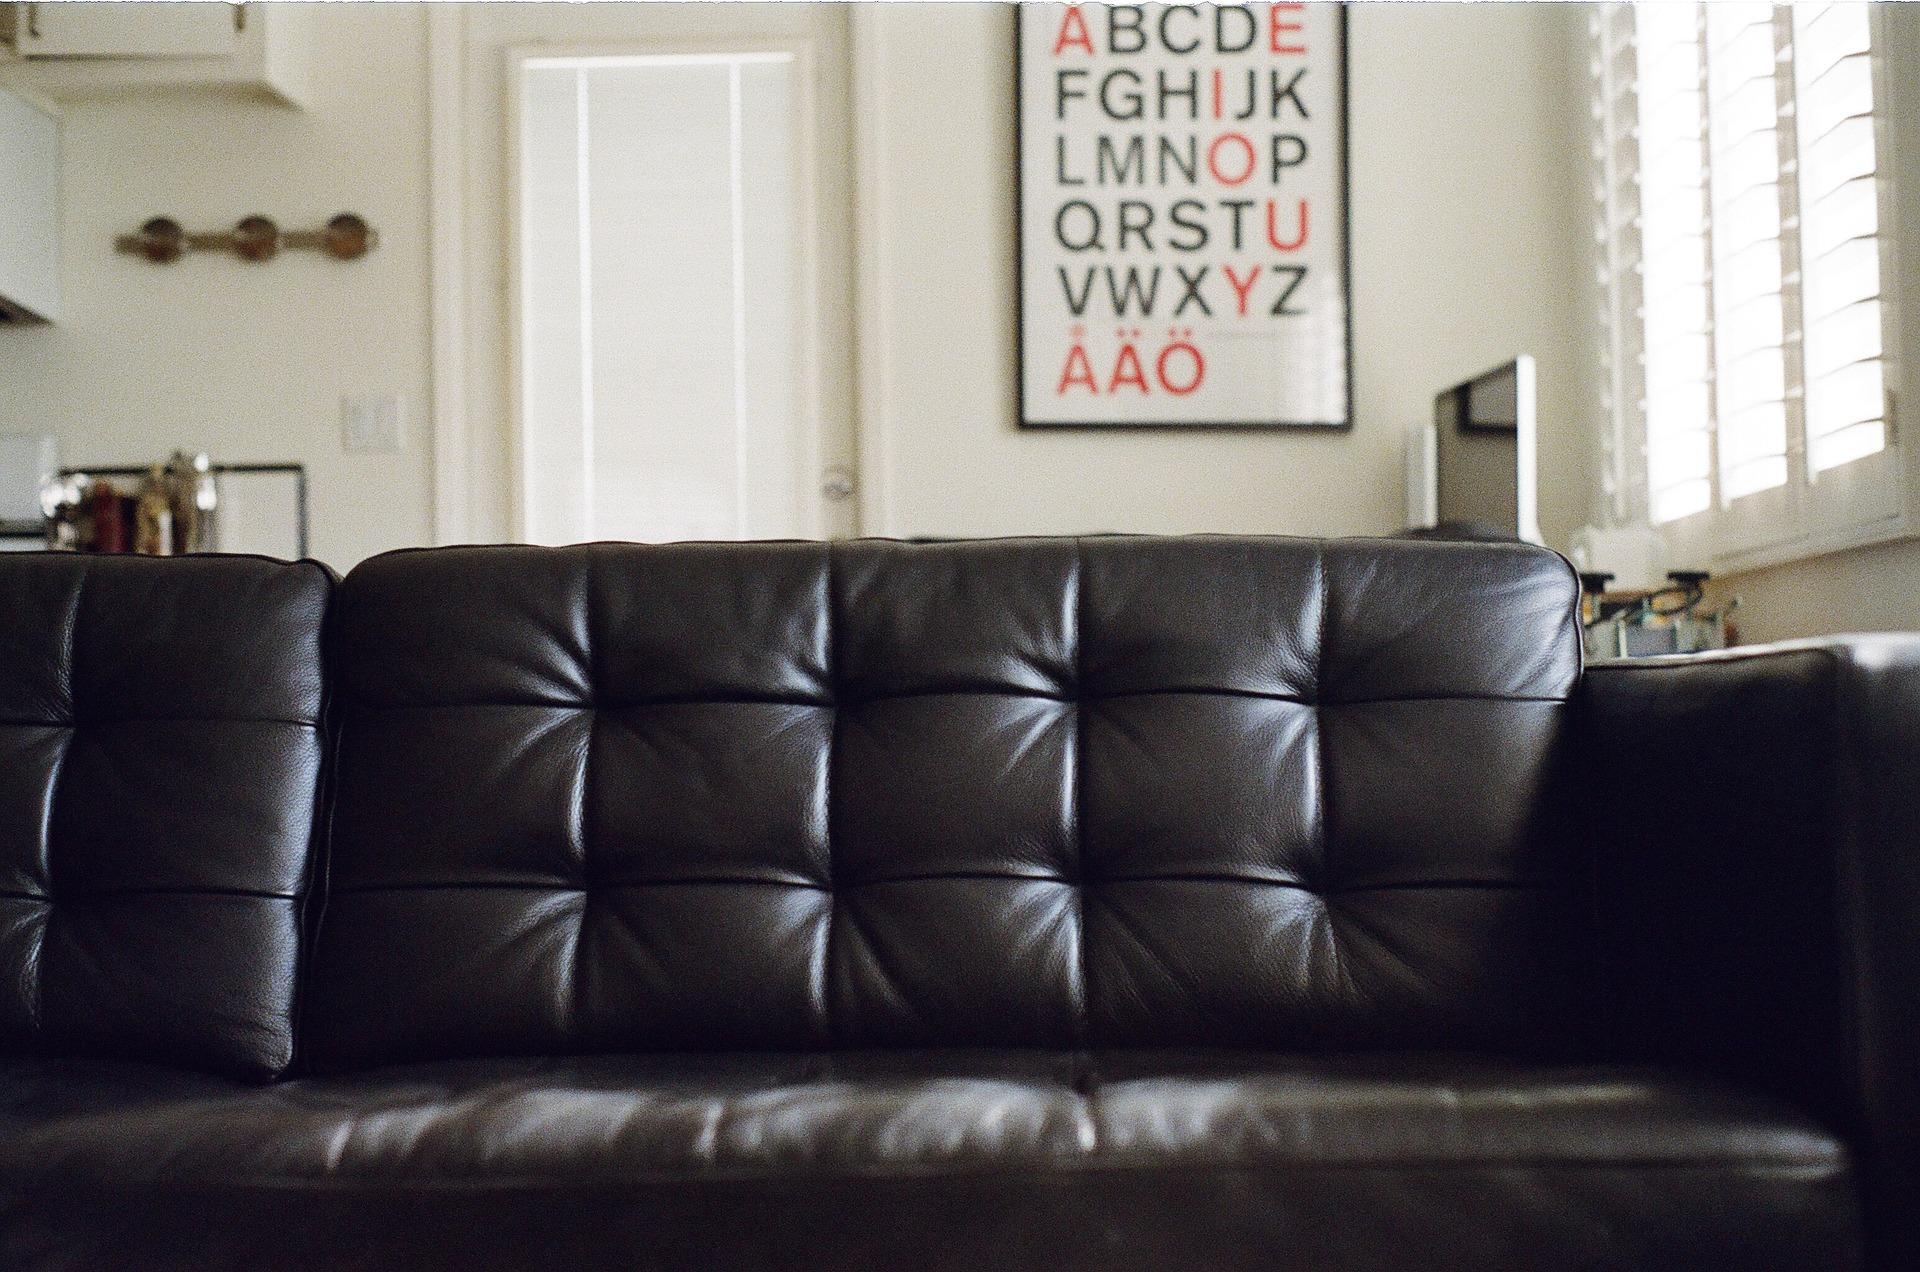 Foto de um sofá preto de couro em uma sala. Imagem ilustrativa para o texto como tirar manchas de caneta do couro.